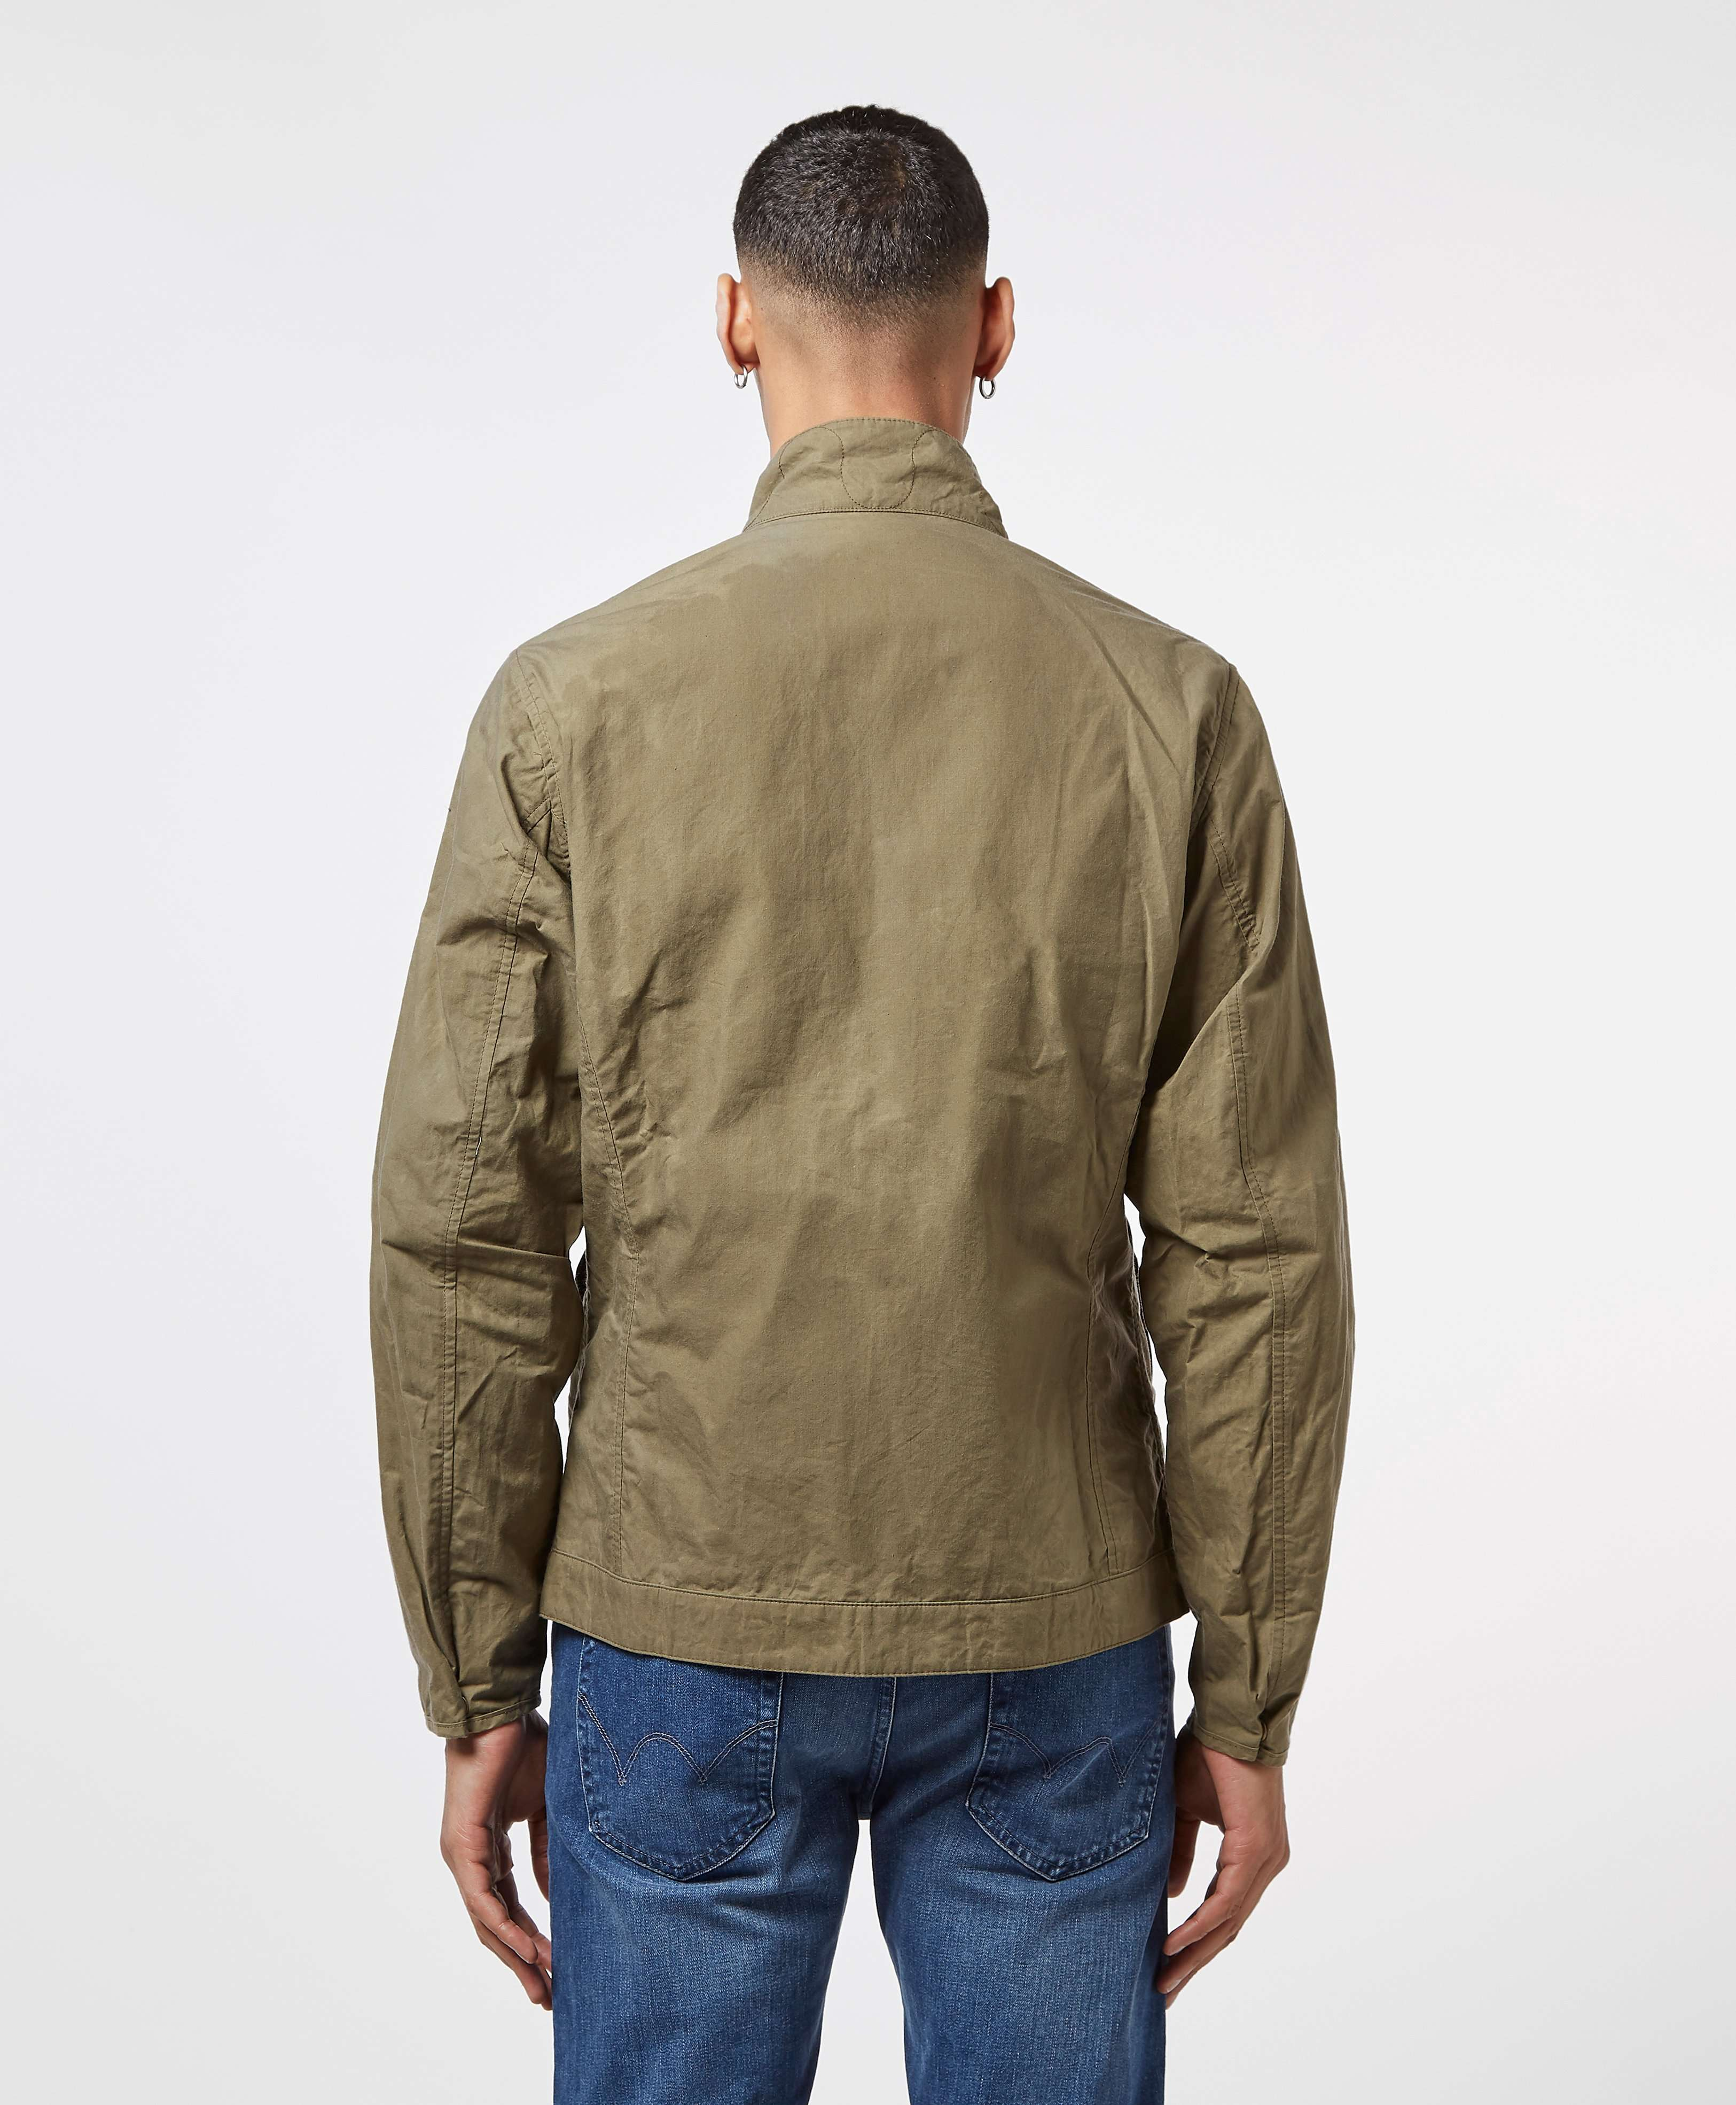 Barbour International Steve McQueen Major Jacket